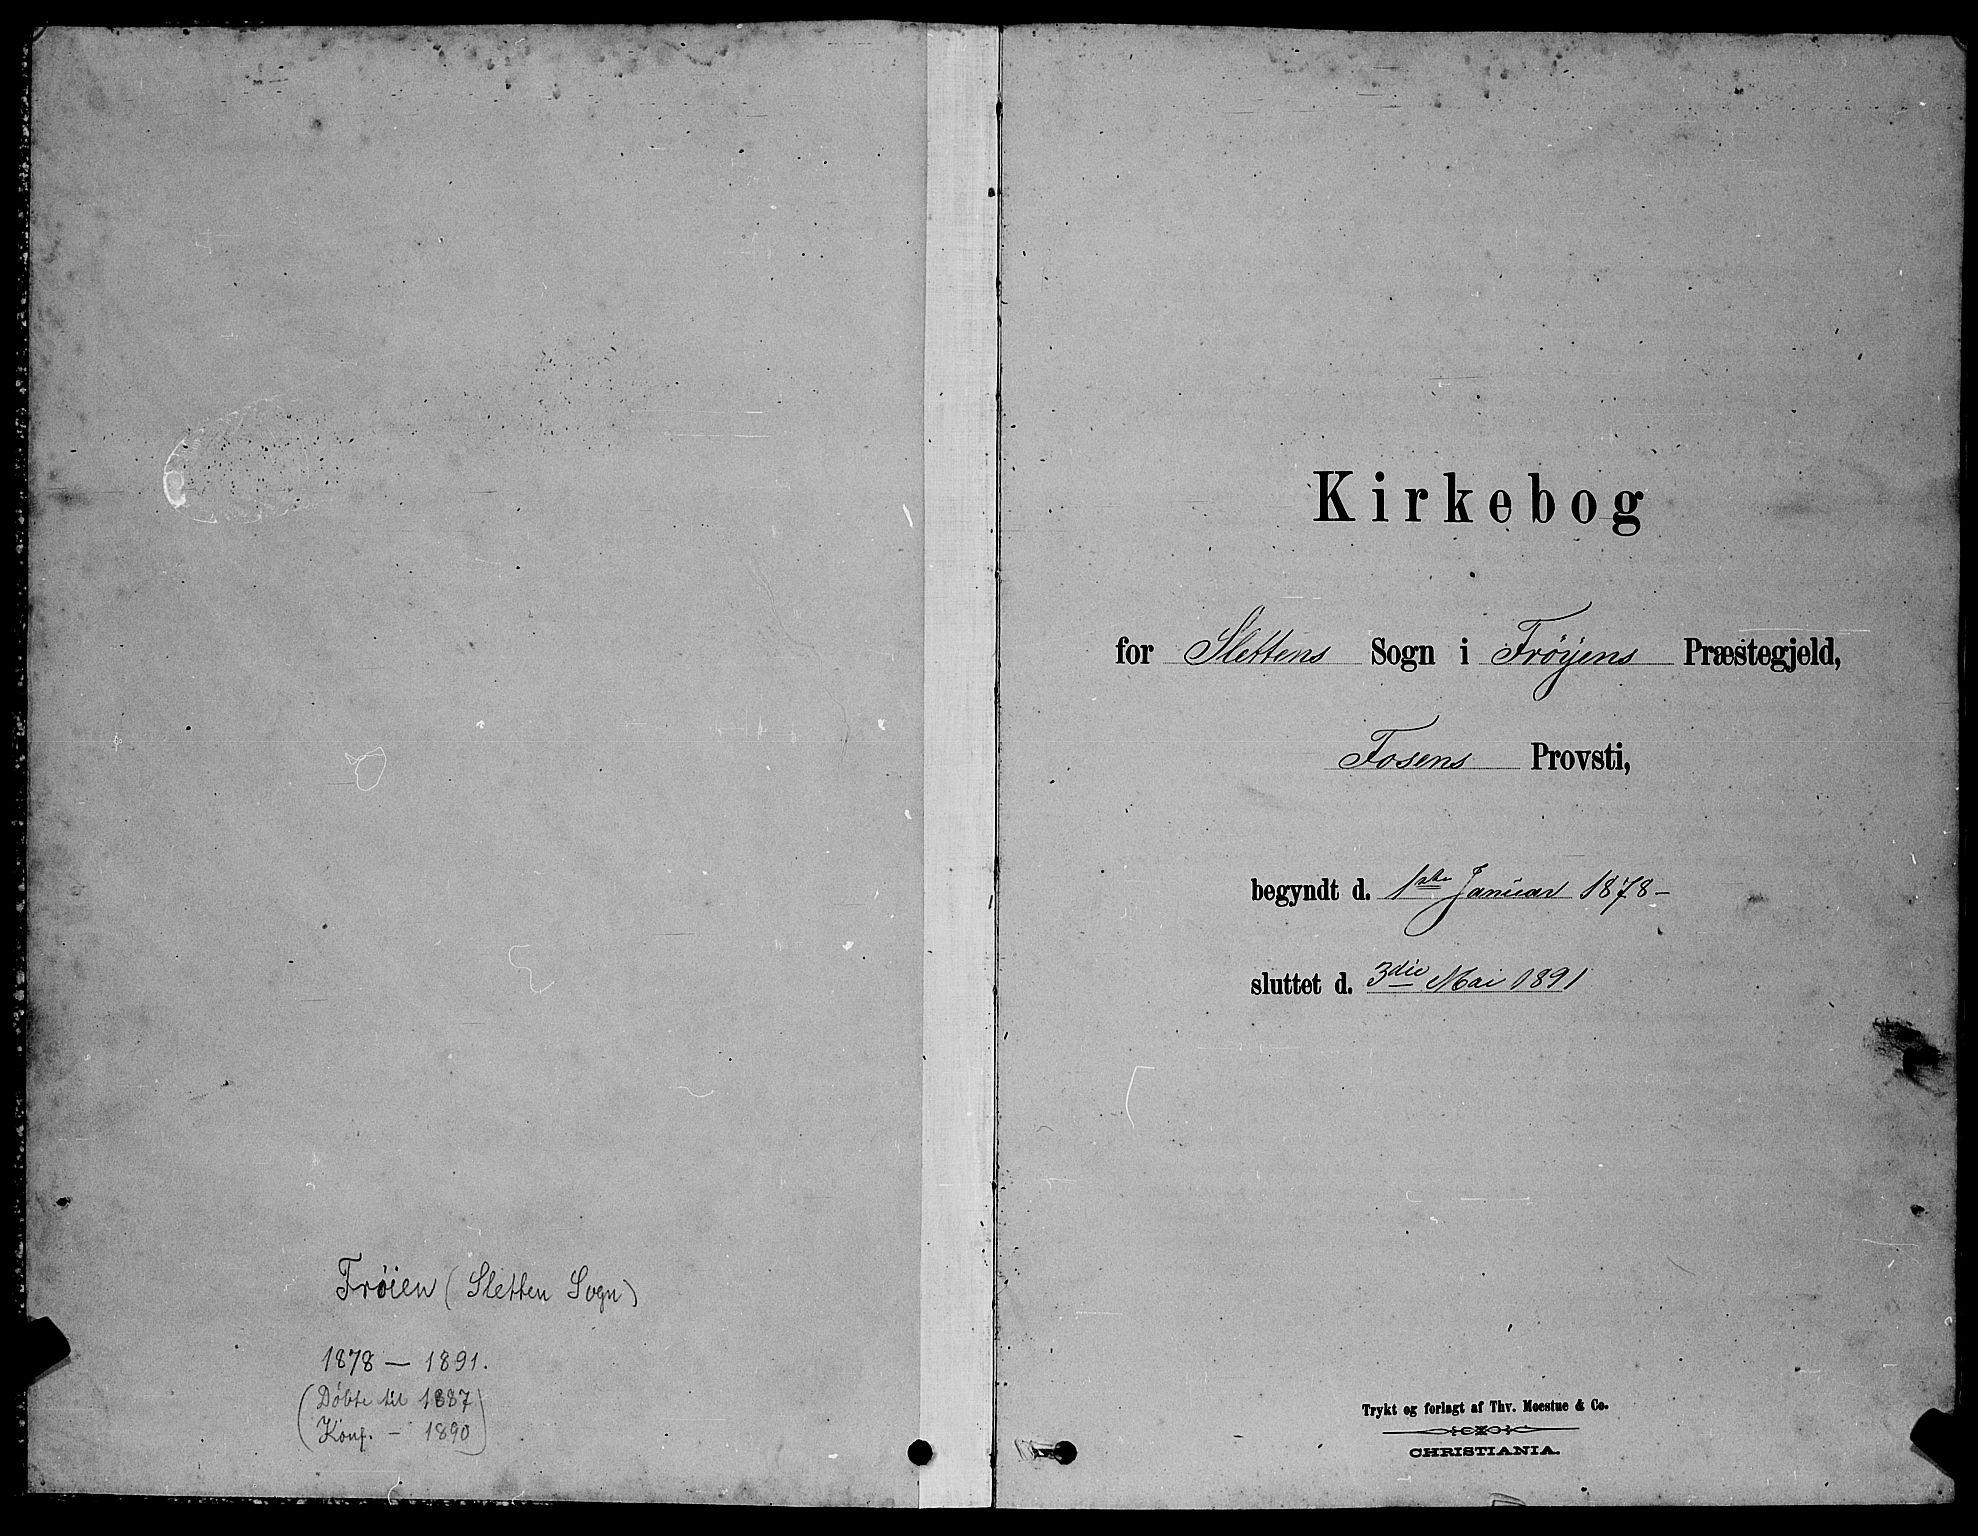 SAT, Ministerialprotokoller, klokkerbøker og fødselsregistre - Sør-Trøndelag, 640/L0585: Klokkerbok nr. 640C03, 1878-1891